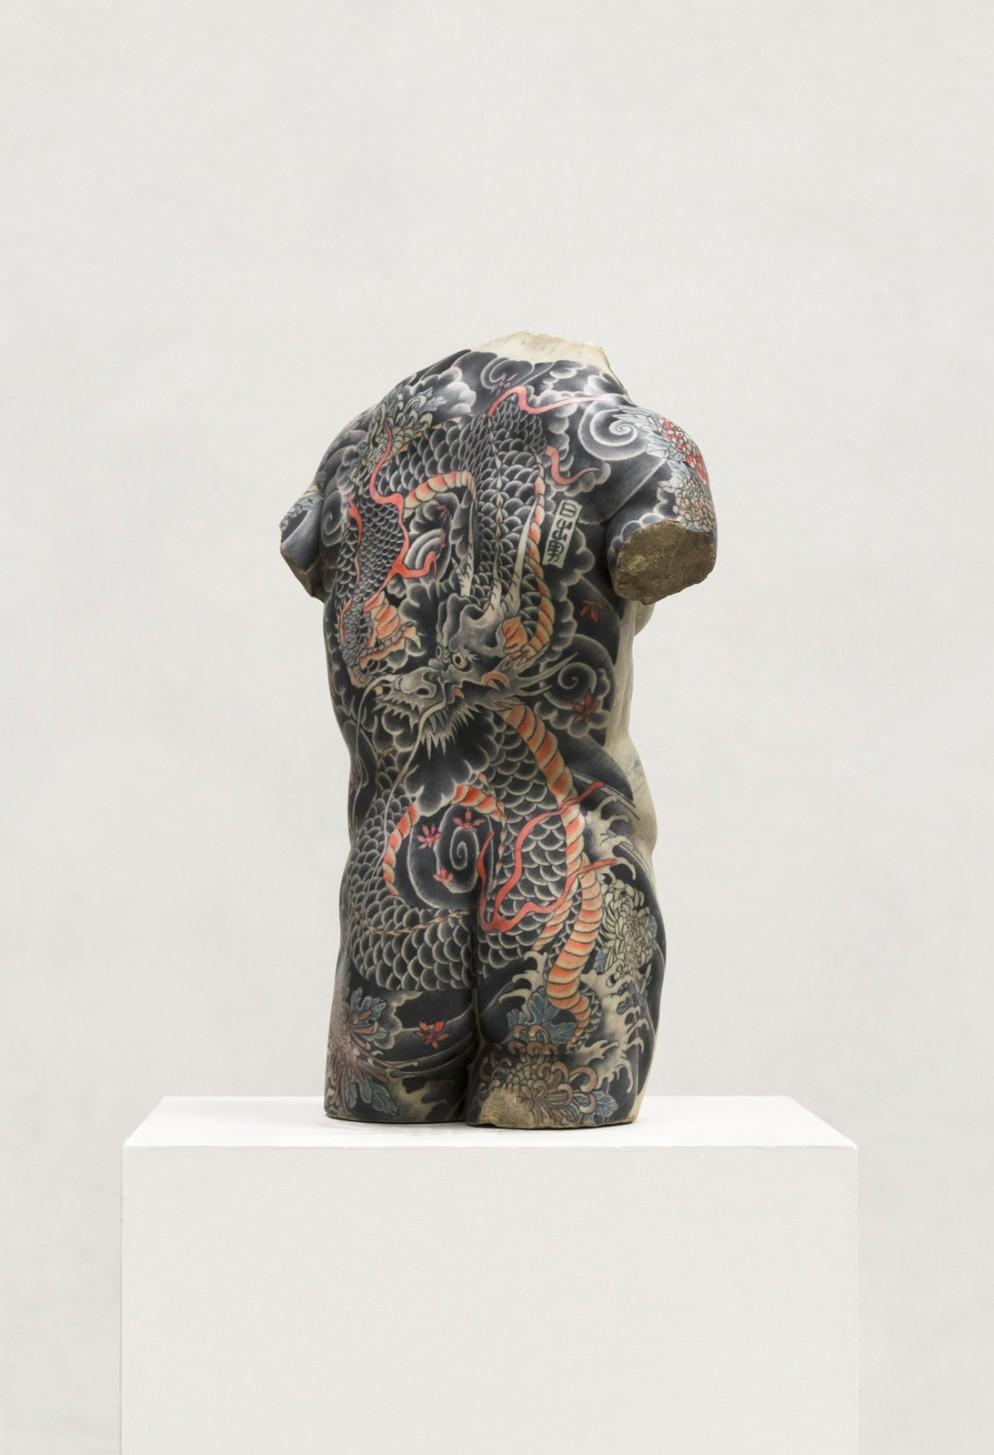 fabio-viale-statue-tatuate-07